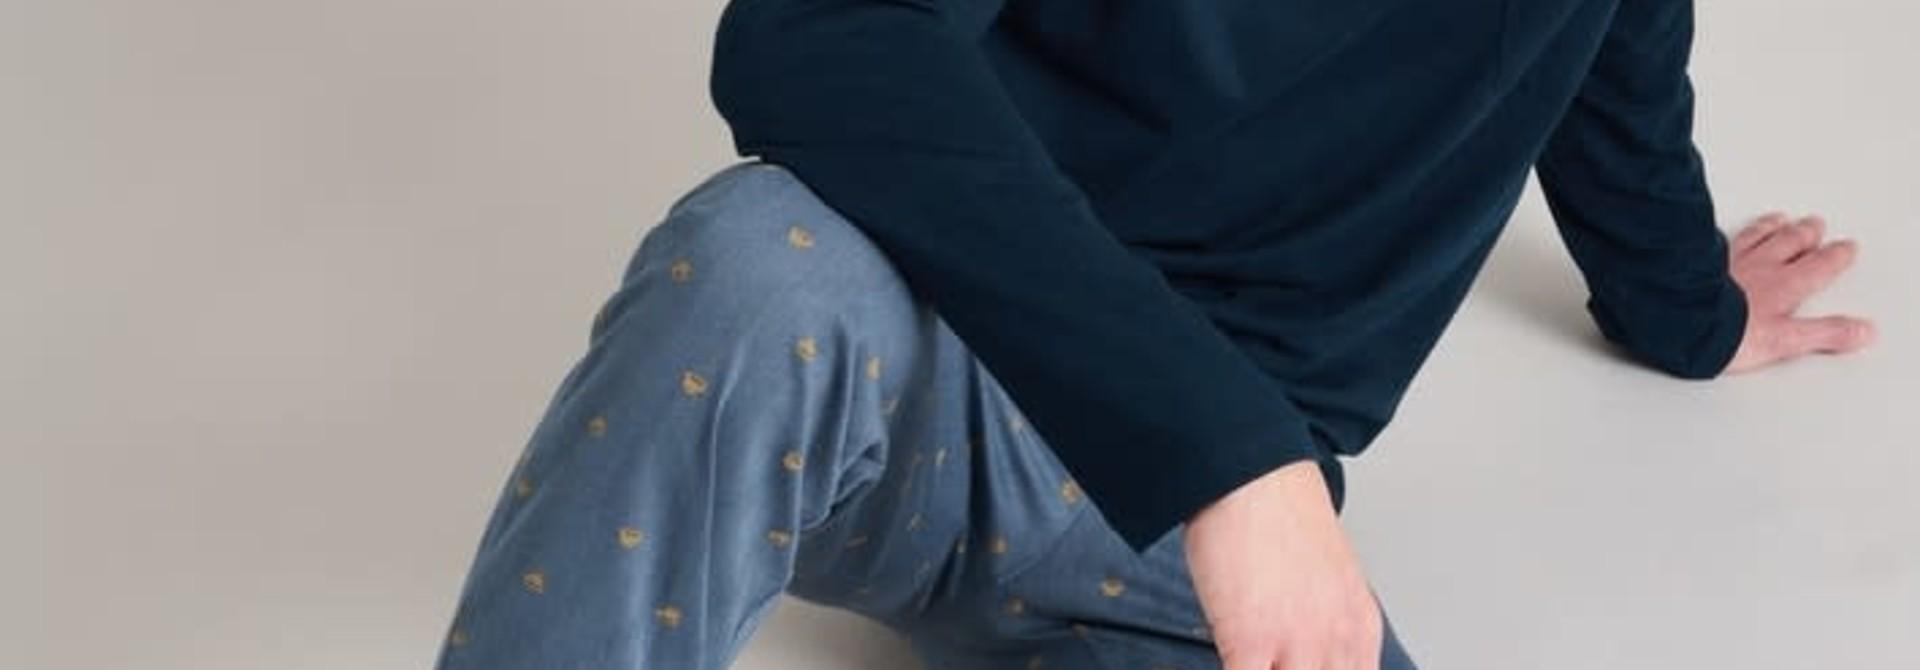 Pyjama lange mouw 175691 bowler hat